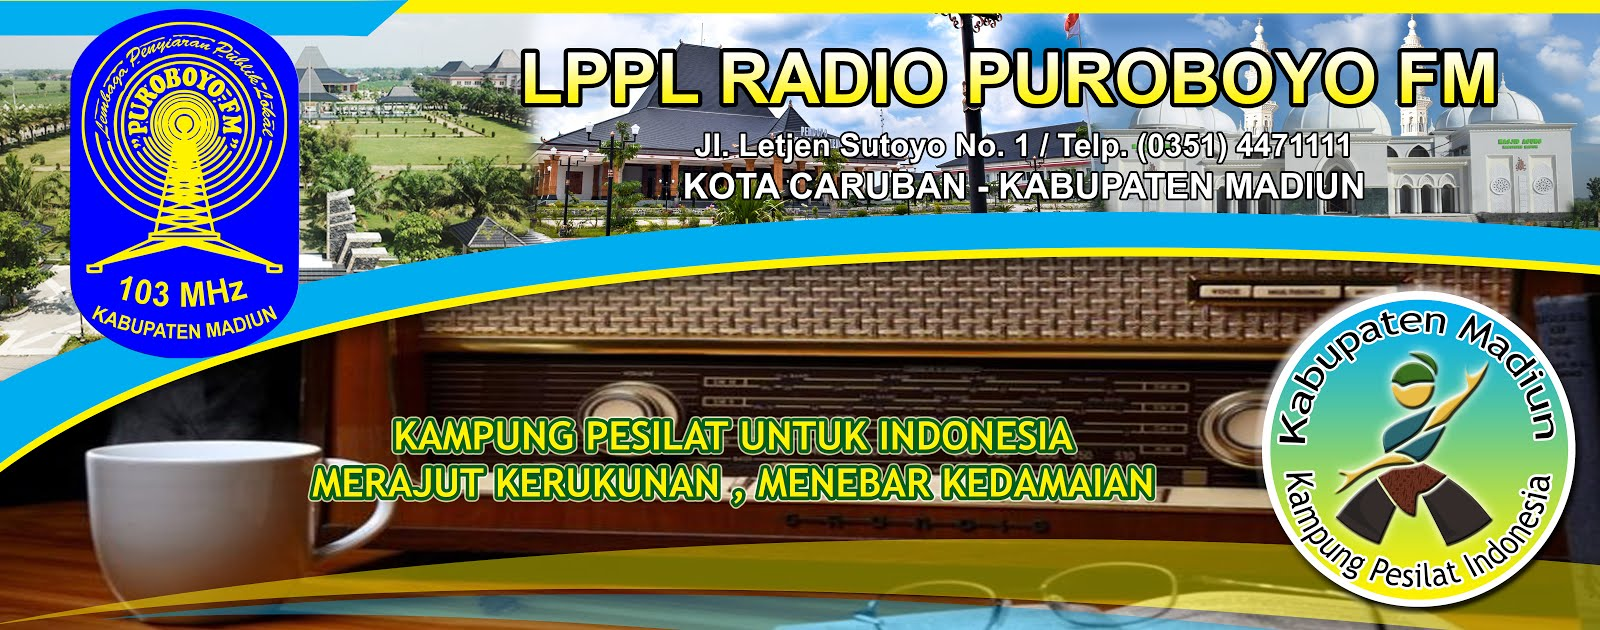 LPPL RADIO PUROBOYO FM CARUBAN KABUPATEN MADIUN